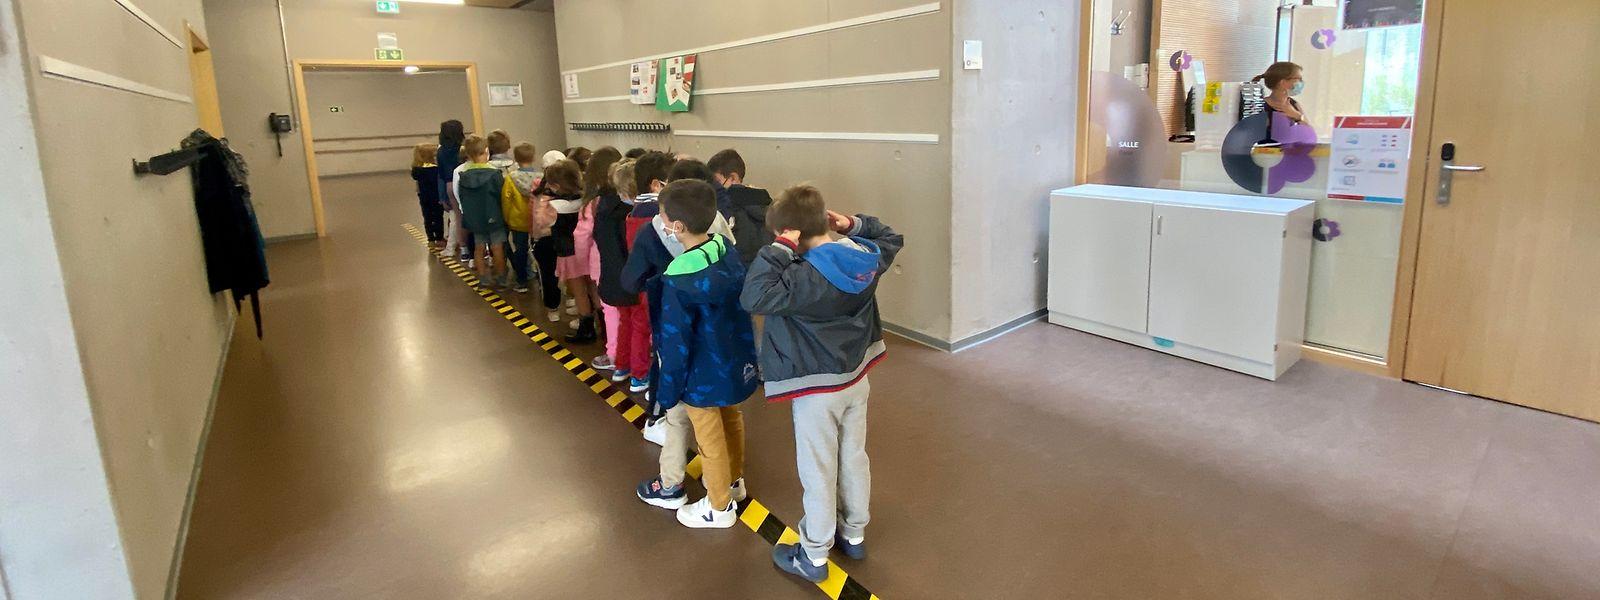 Certains élèves ont d'ores et déjà été placés à l'isolement, alors même que d'autres n'ont pas encore retrouvé les couloirs de l'école. Les établissements privés jouent donc la carte de la prudence, dès le plus jeune âge.